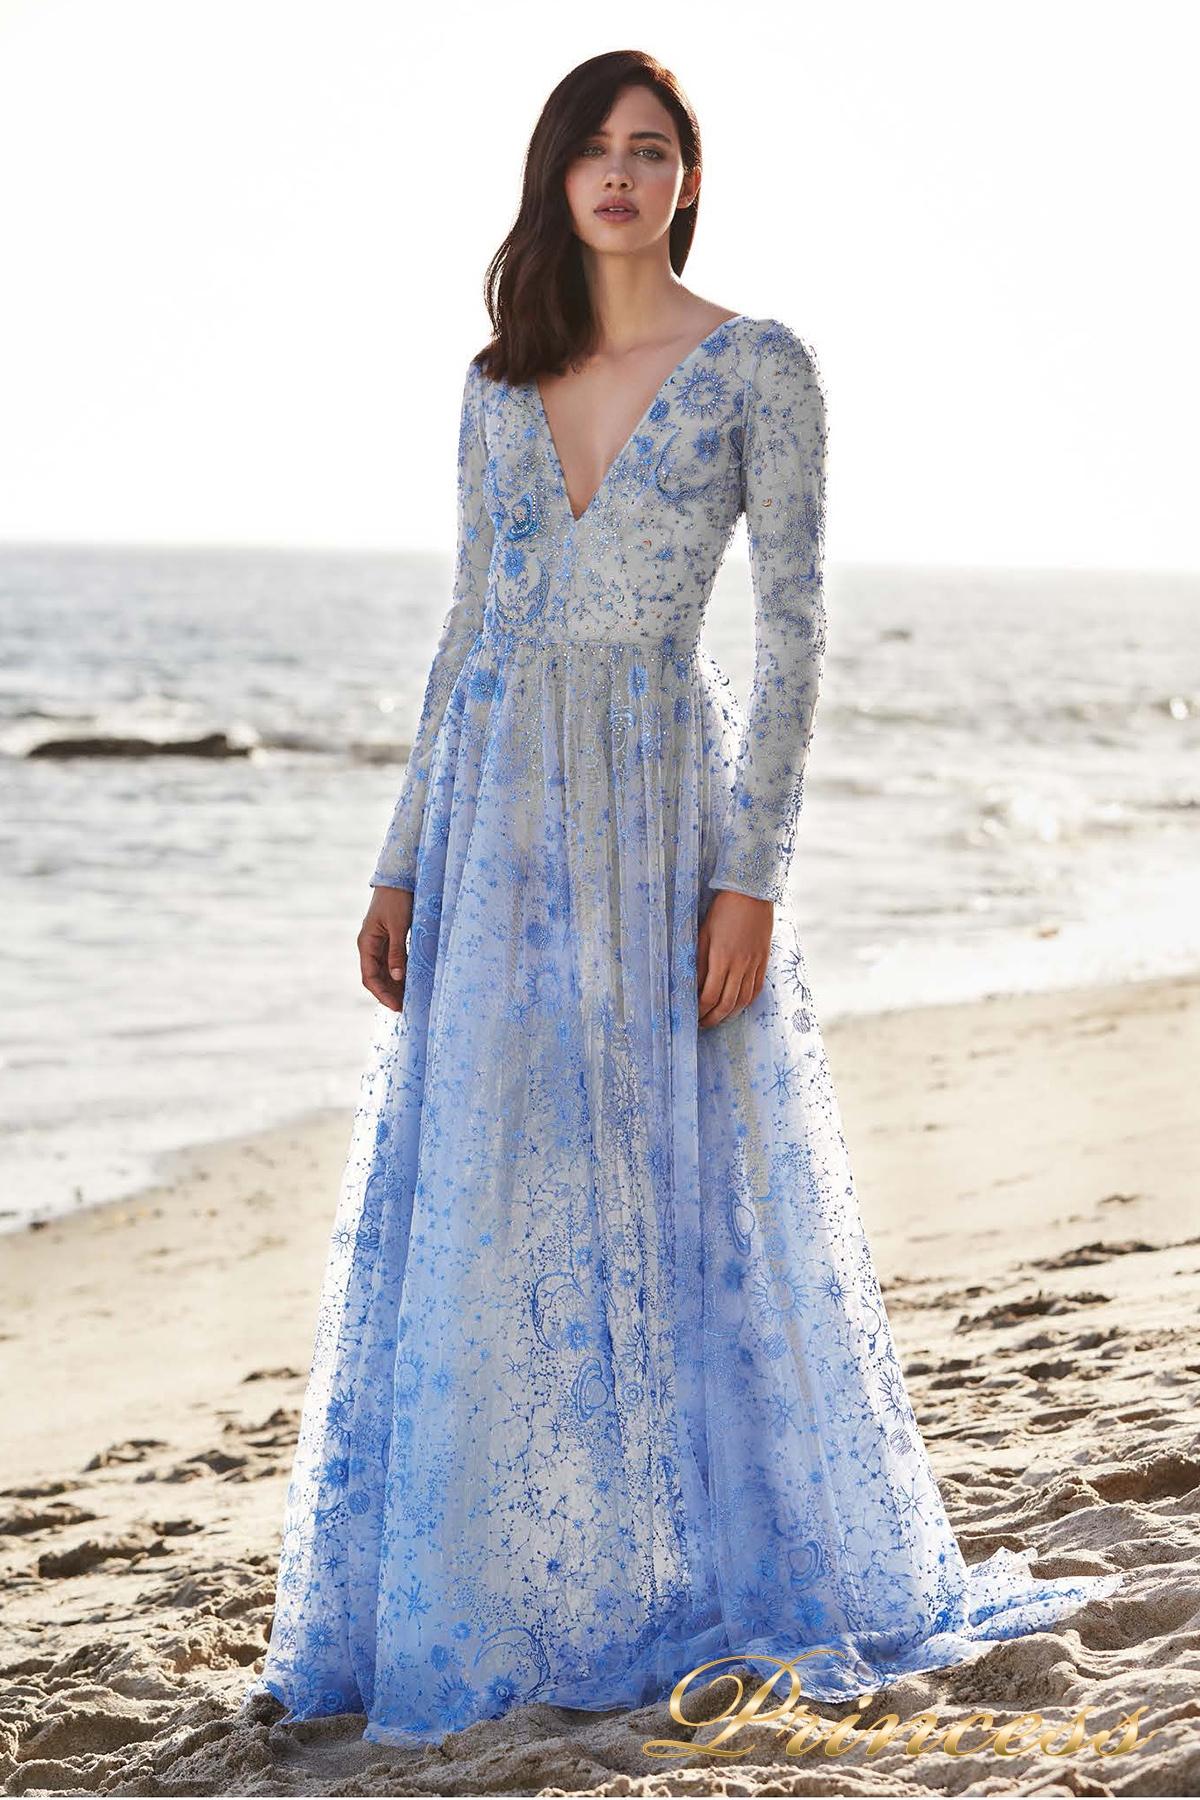 e53931a9b7c Купить вечернее платье tadashi shoji bdi18484lb цветного цвета по ...